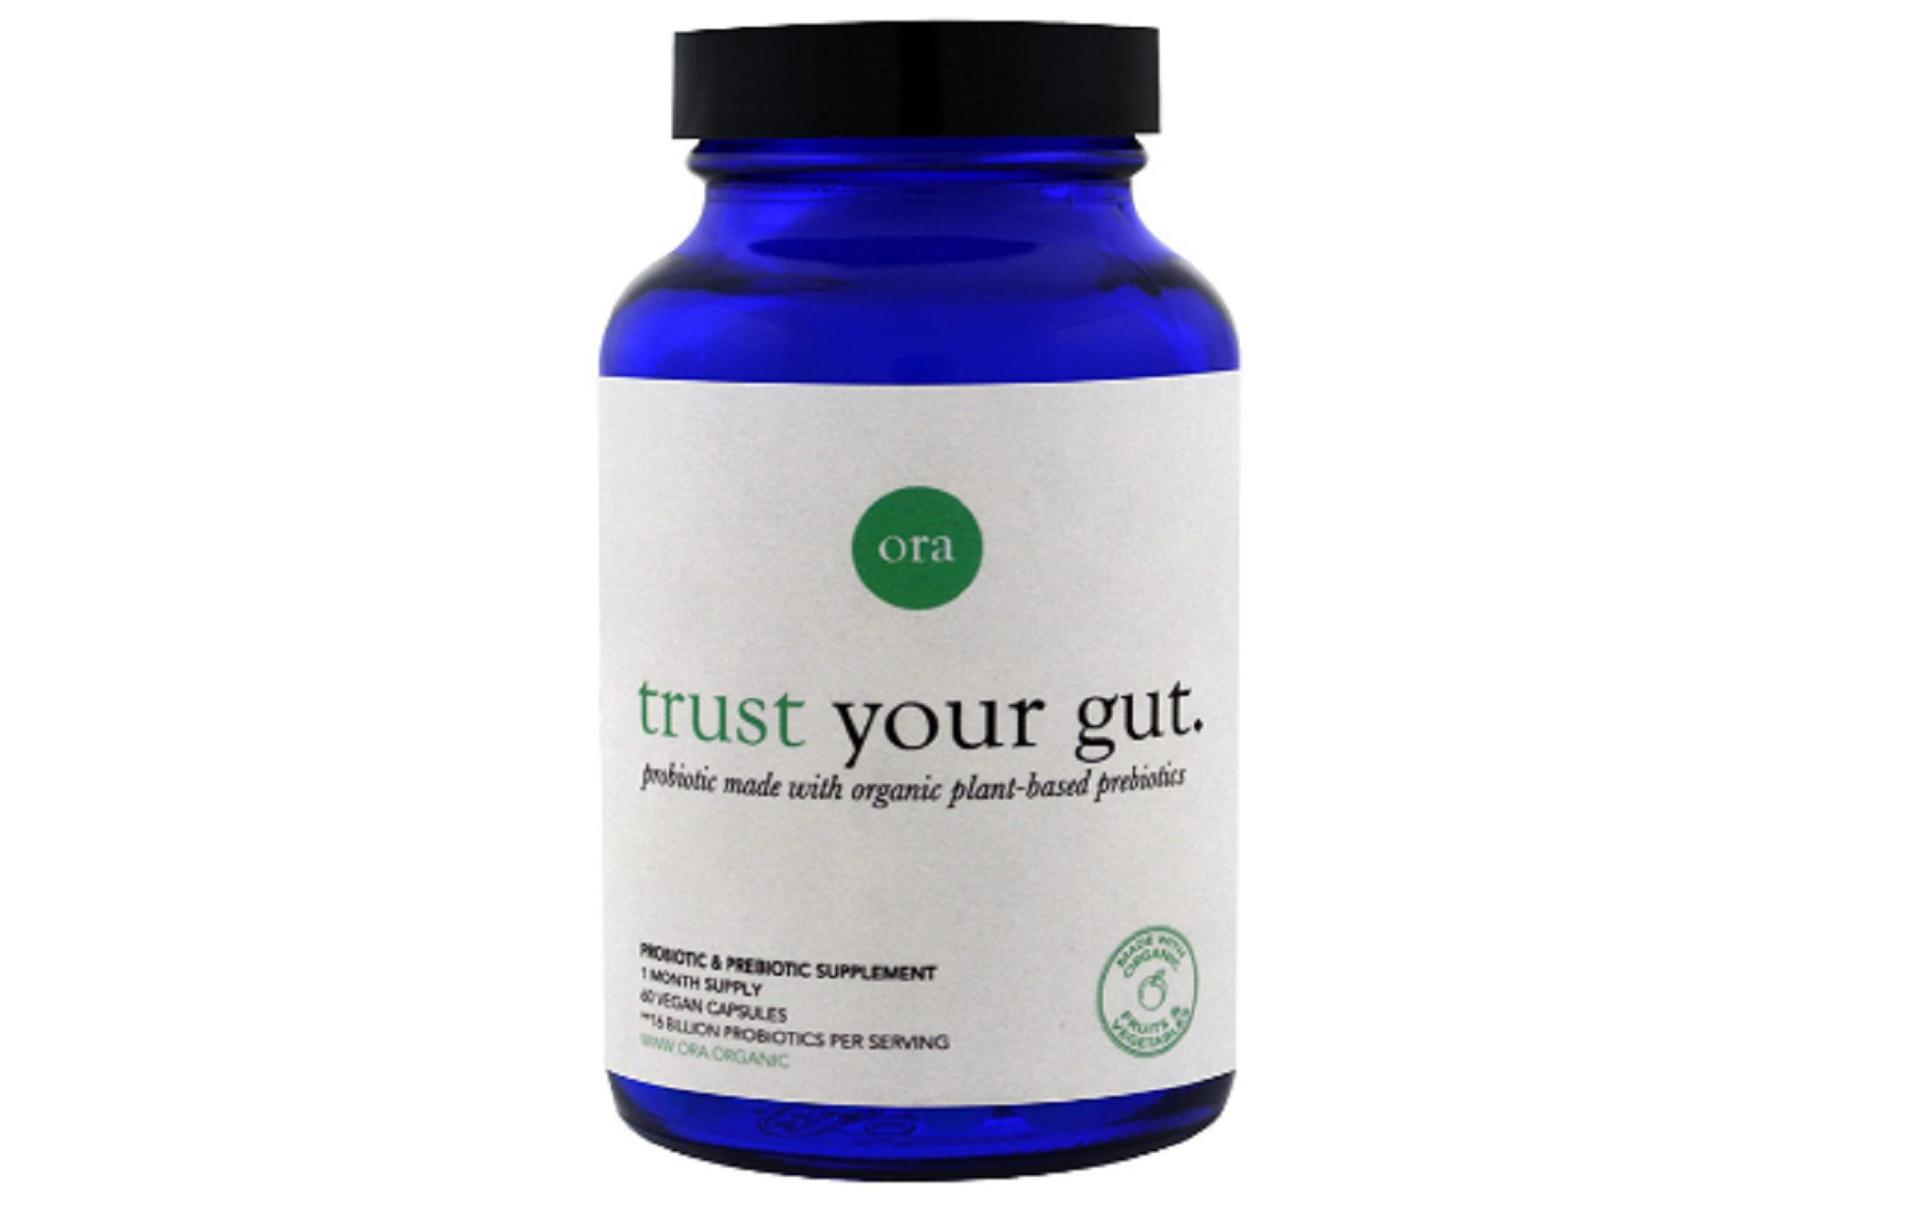 ora organic probiotics